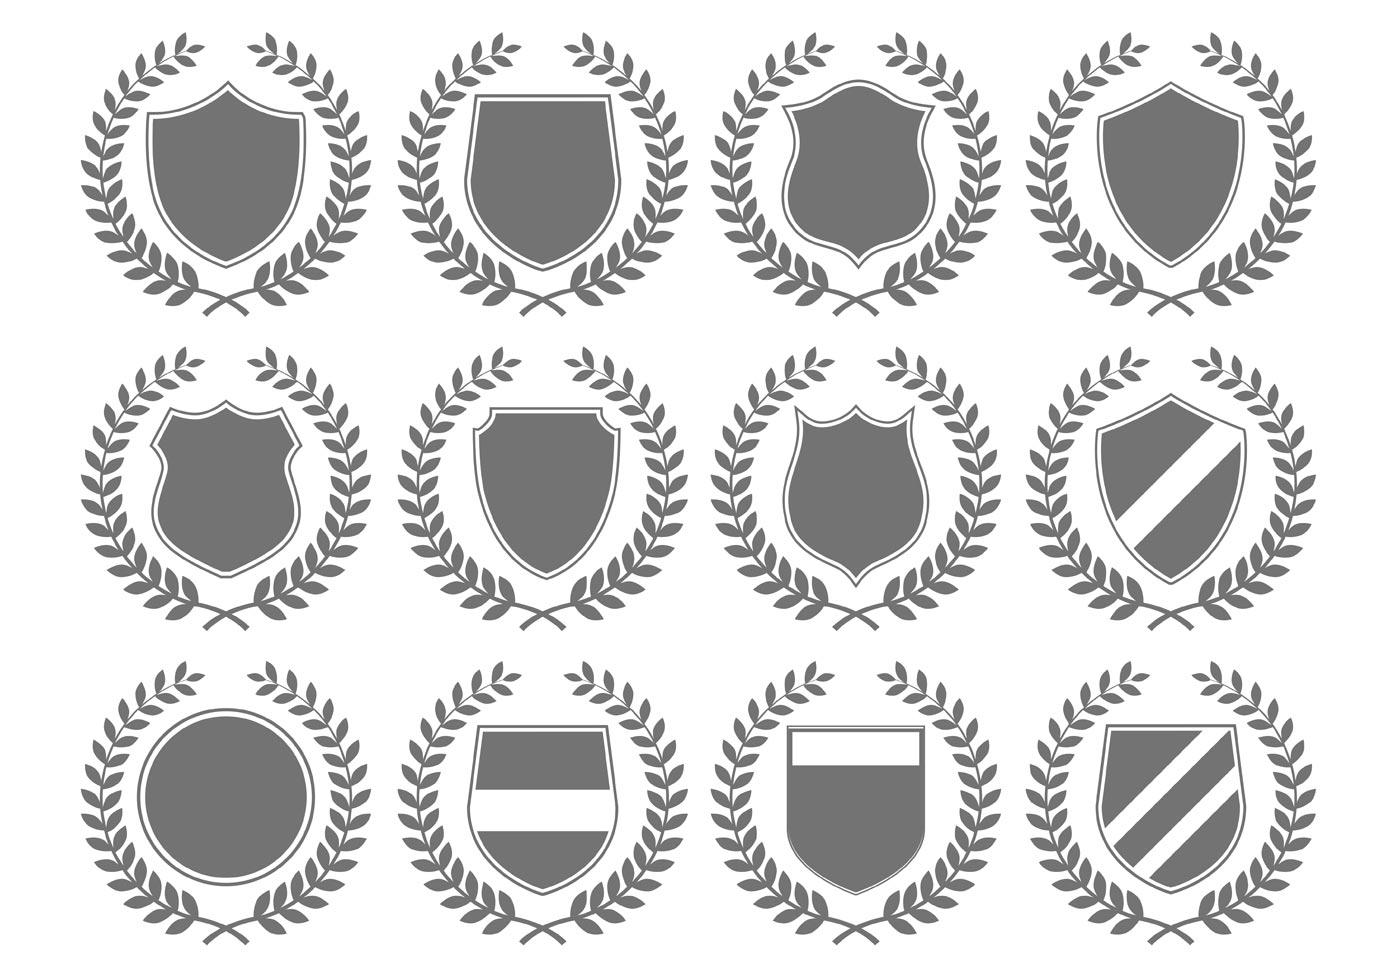 Vector Heraldic Crest Emblems Download Free Vector Art